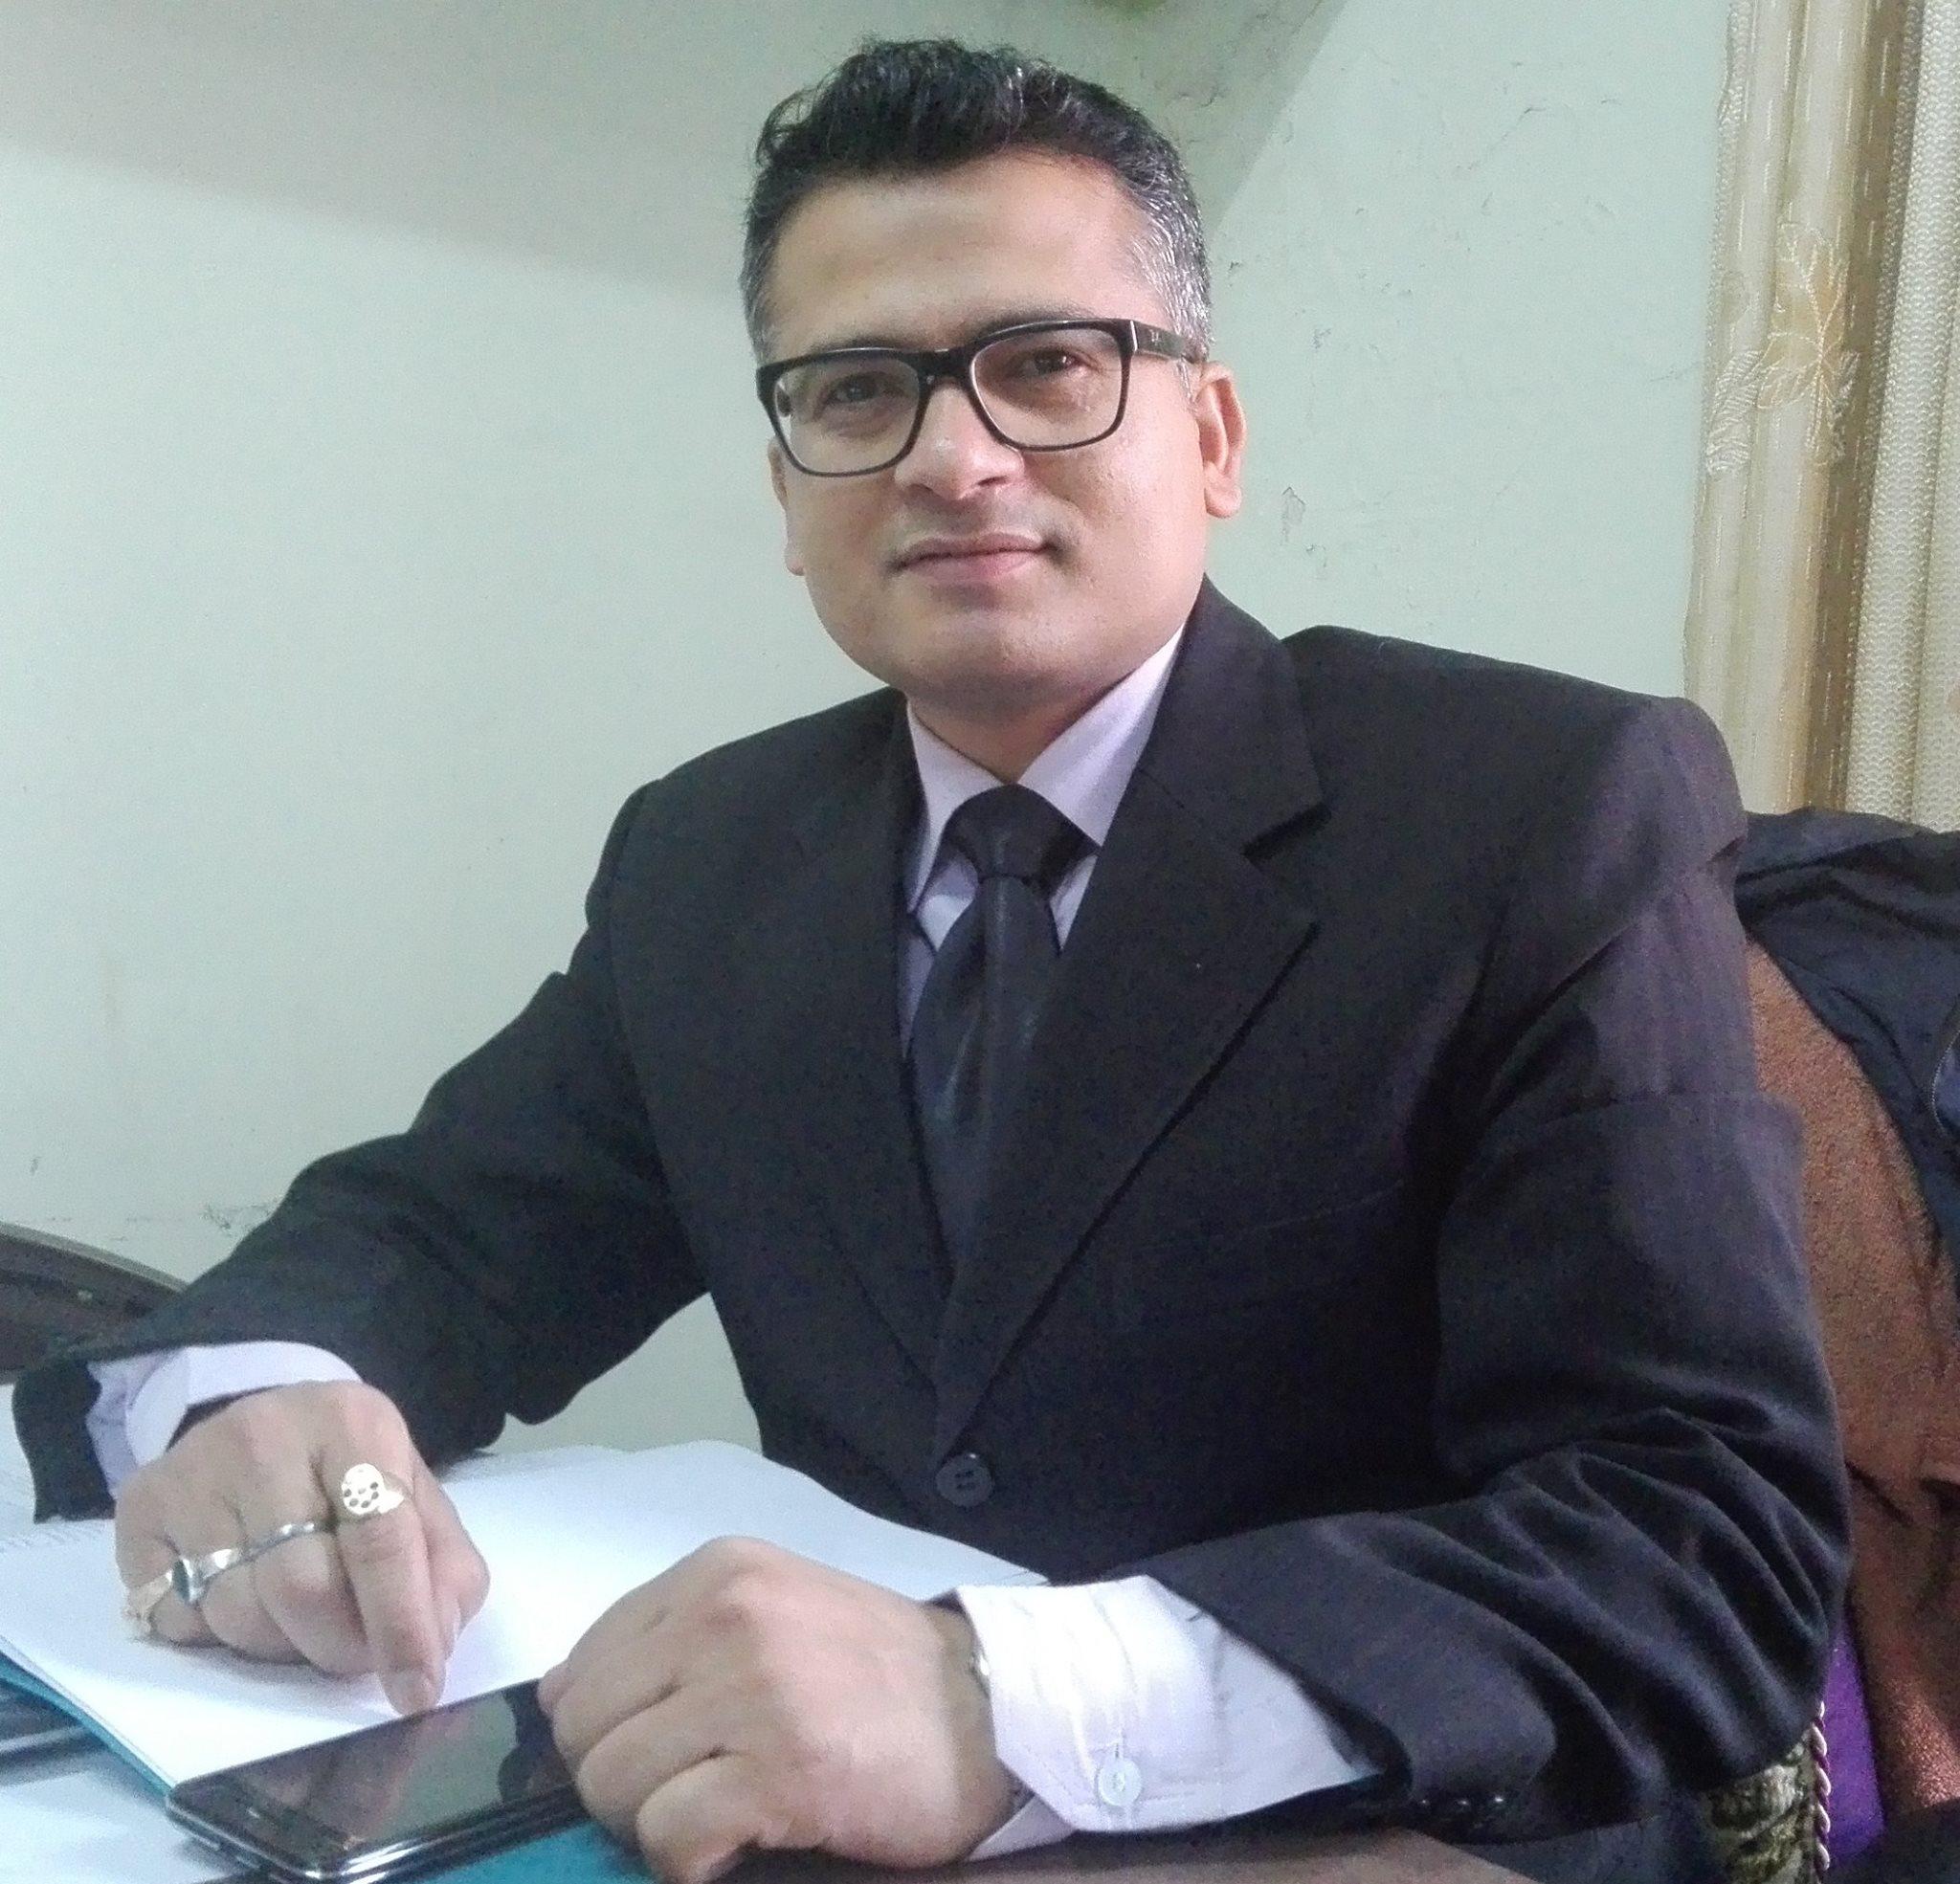 Khushal Regmi